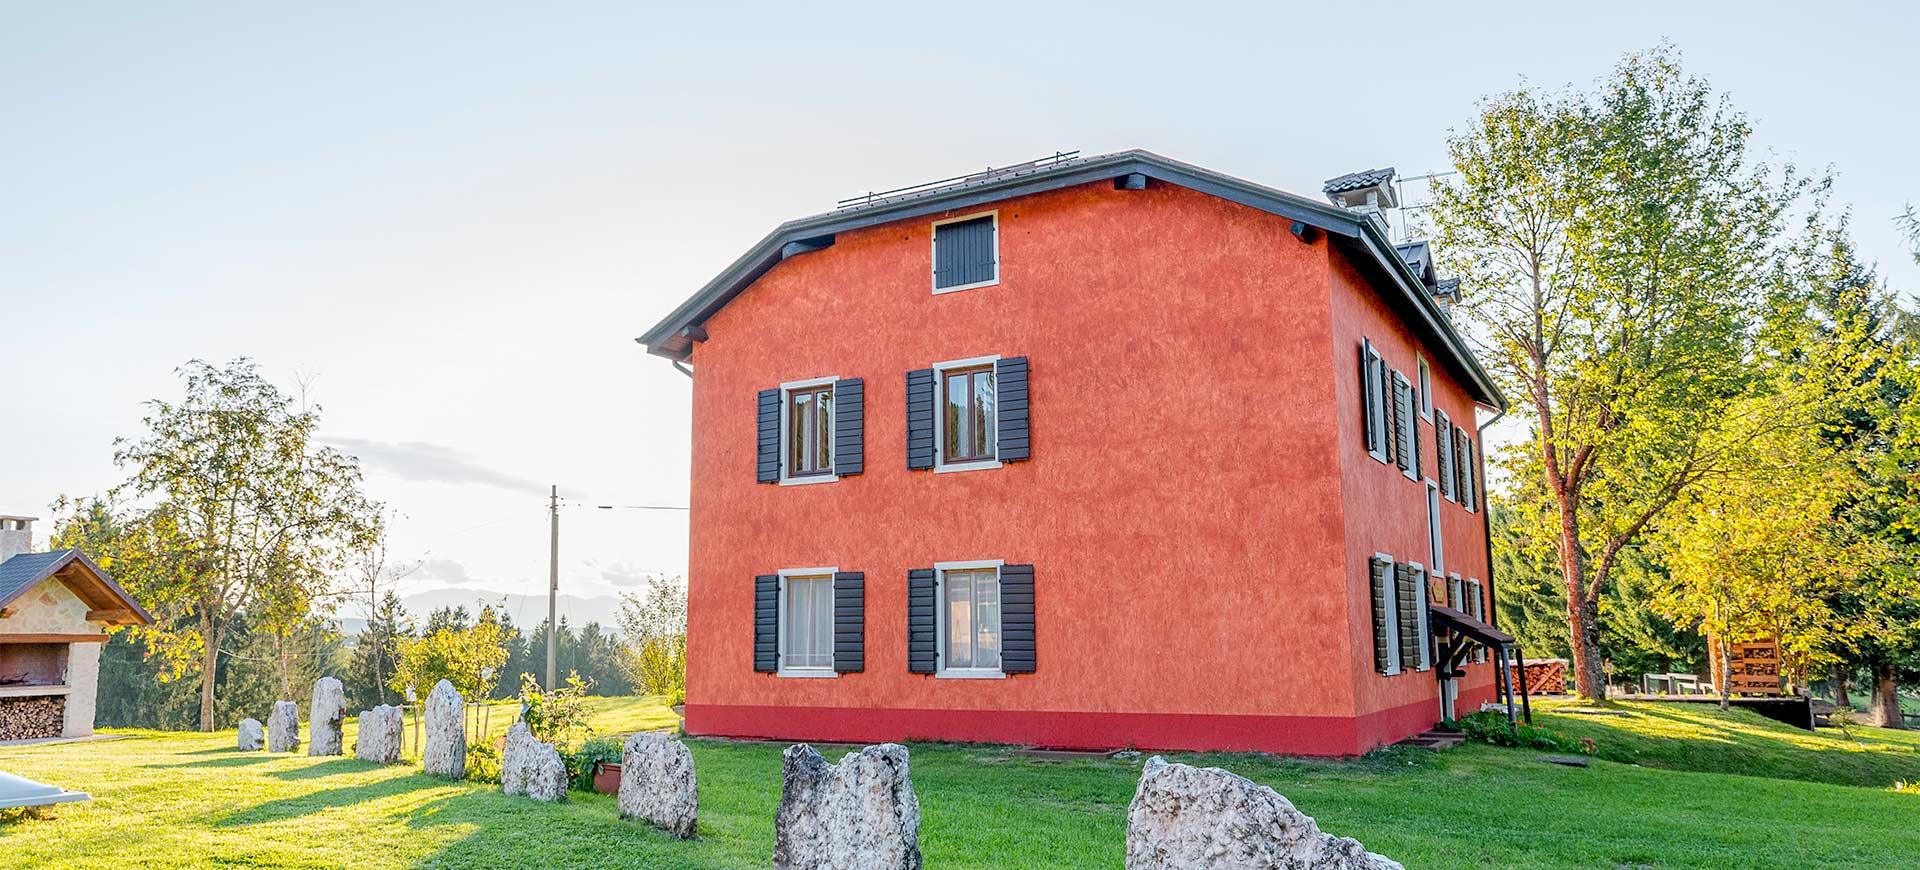 Listino prezzi appartamenti e mandarda casa poslen asiago for Prezzi case asiago